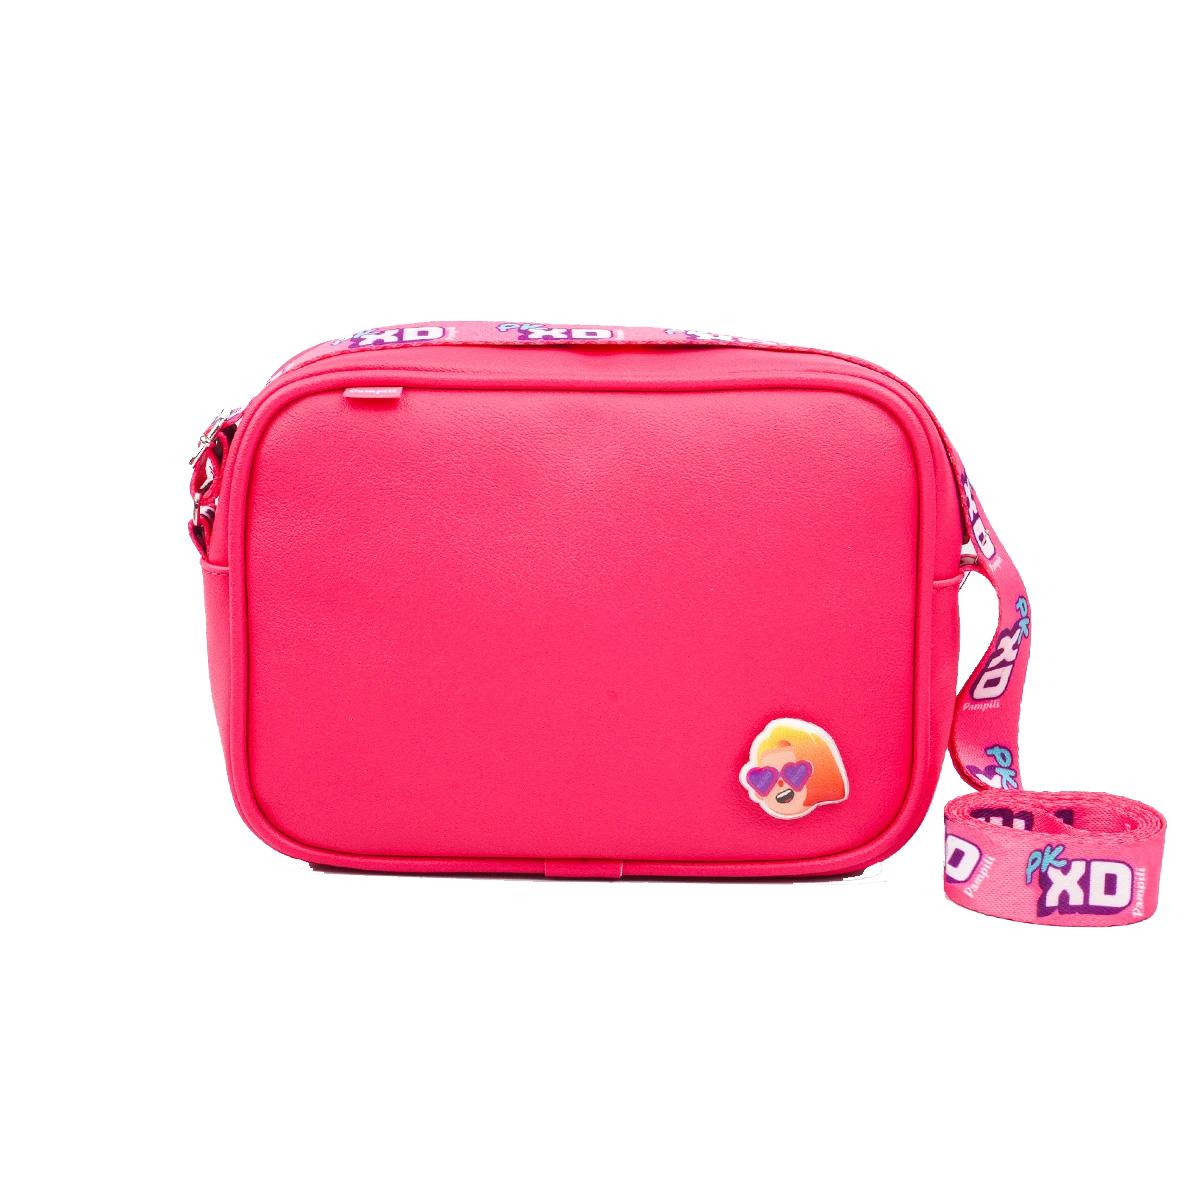 Bolsa Pampili PK XD Poppy Pink